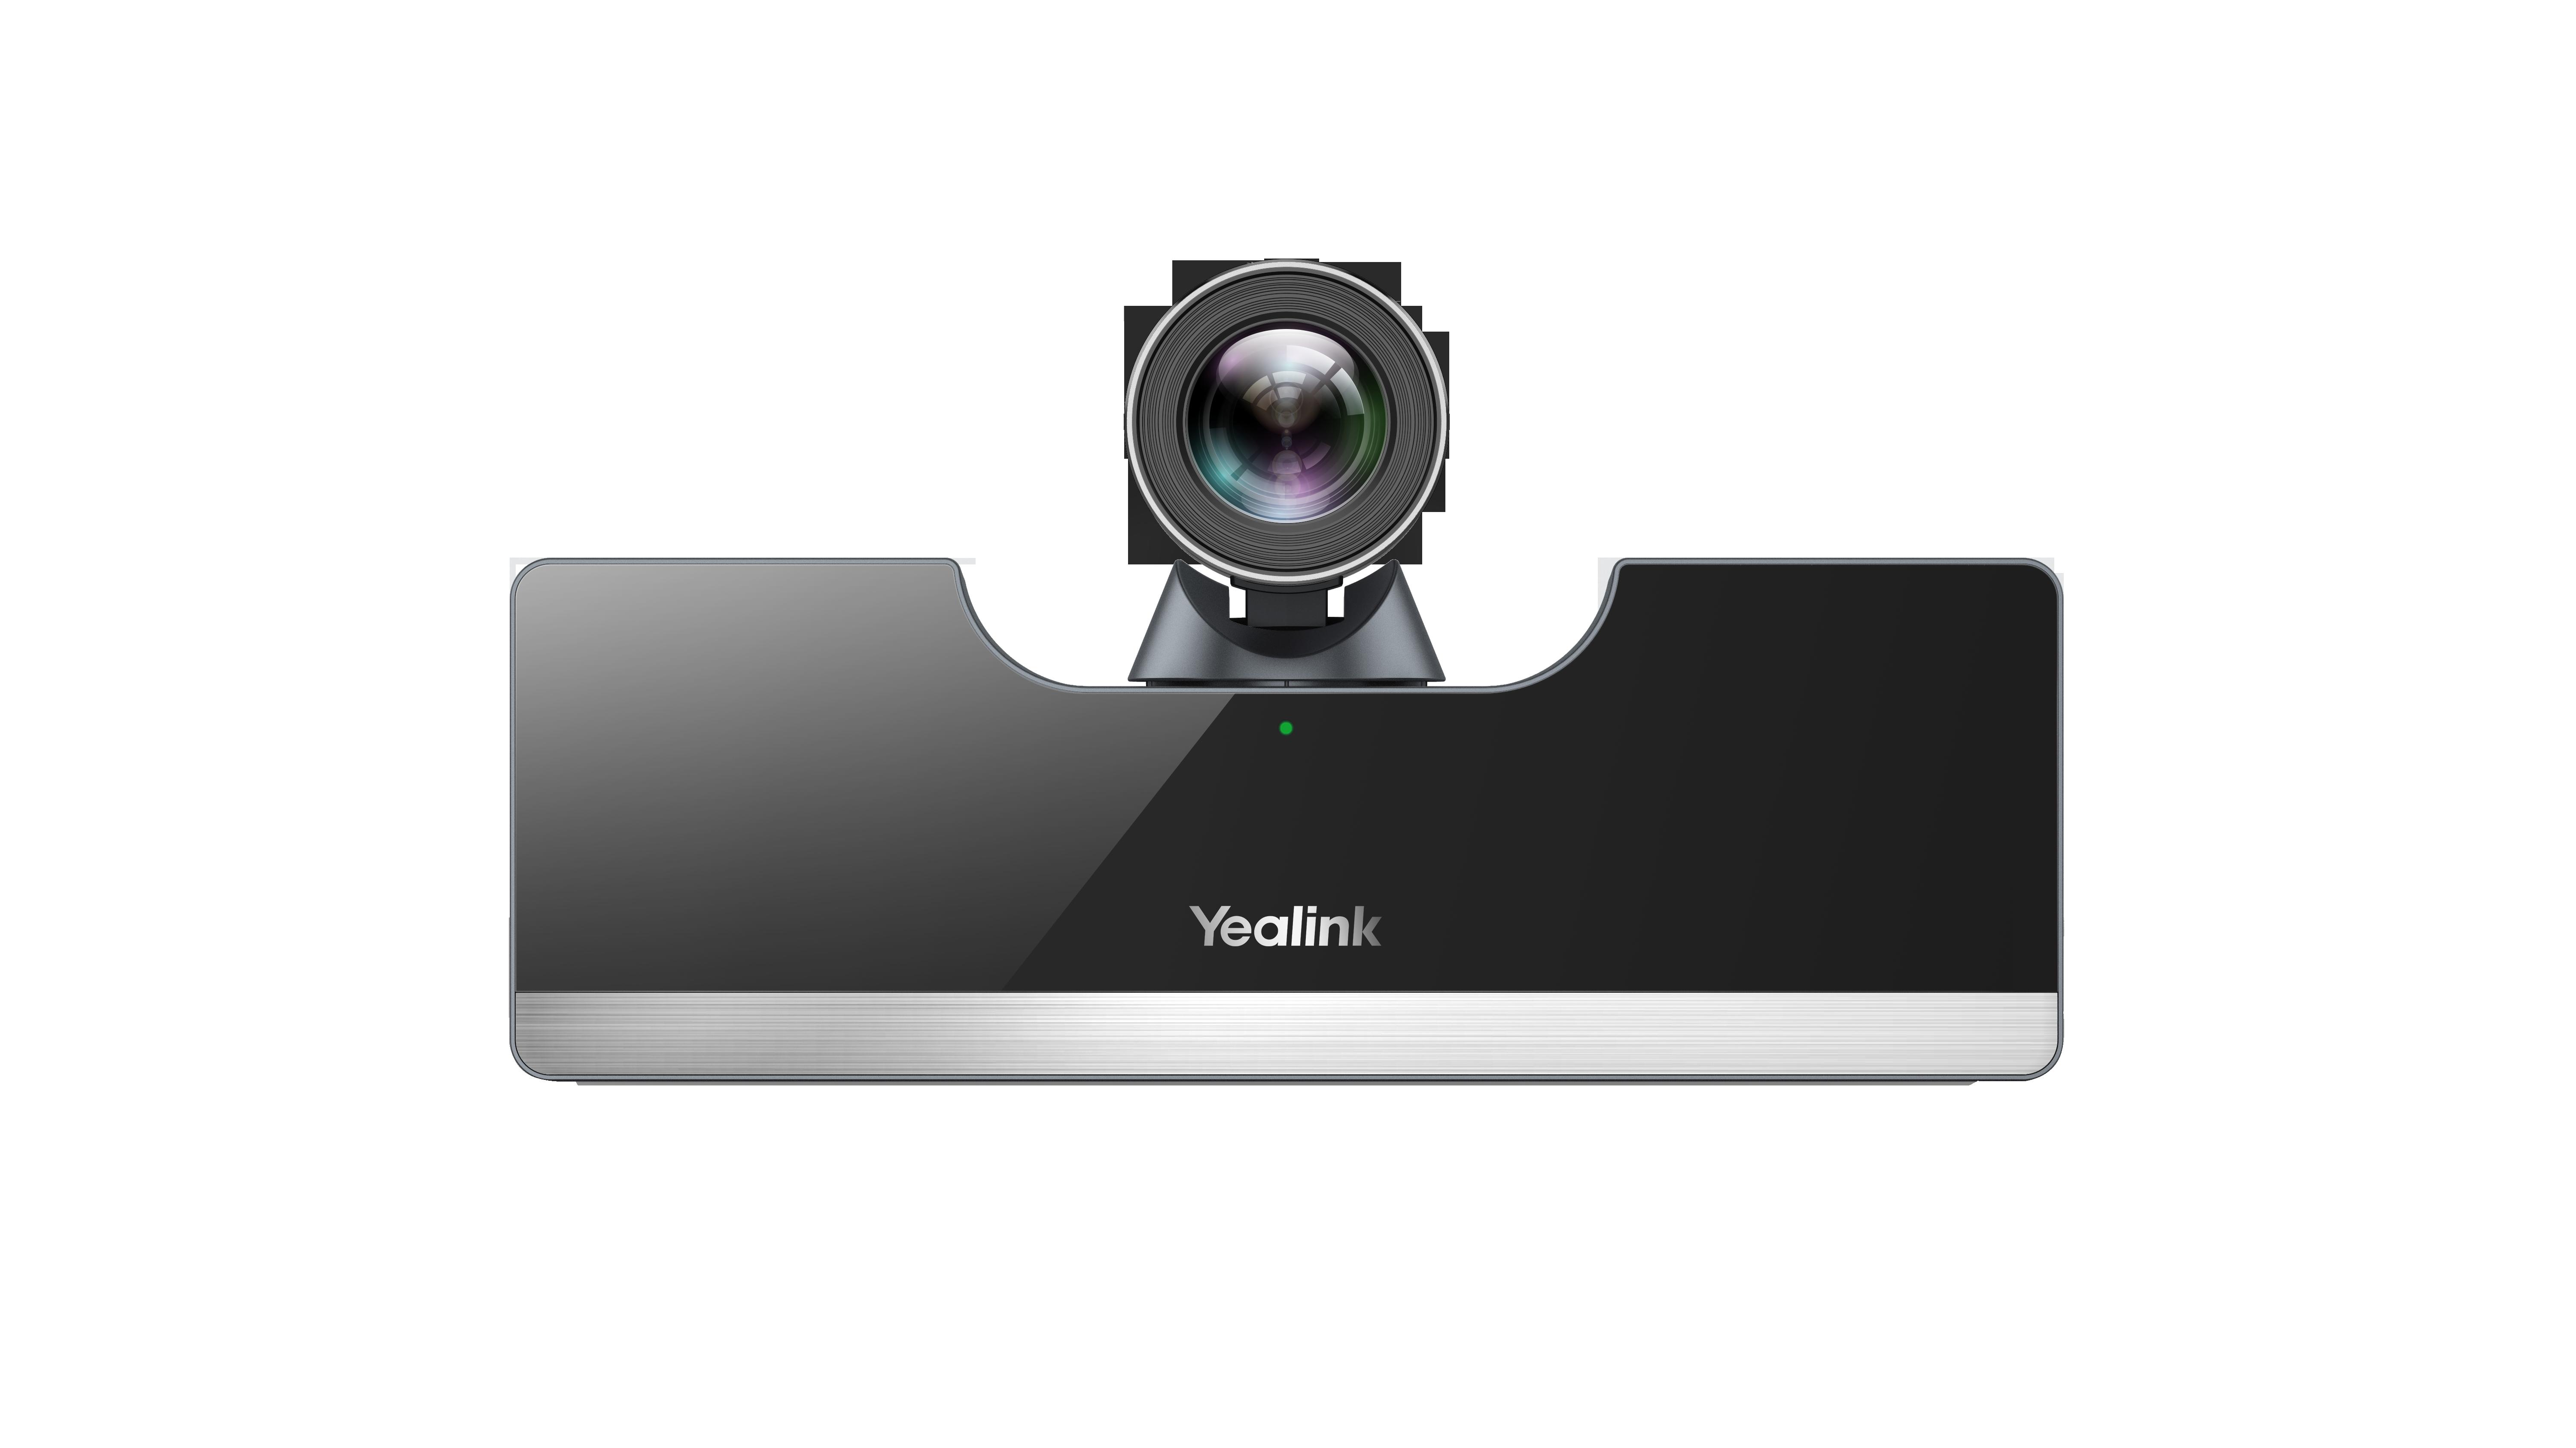 YEALINK Yealink UVC50 - Caméra PTZ USB full-HD, Zoom 5x, FOV 83°